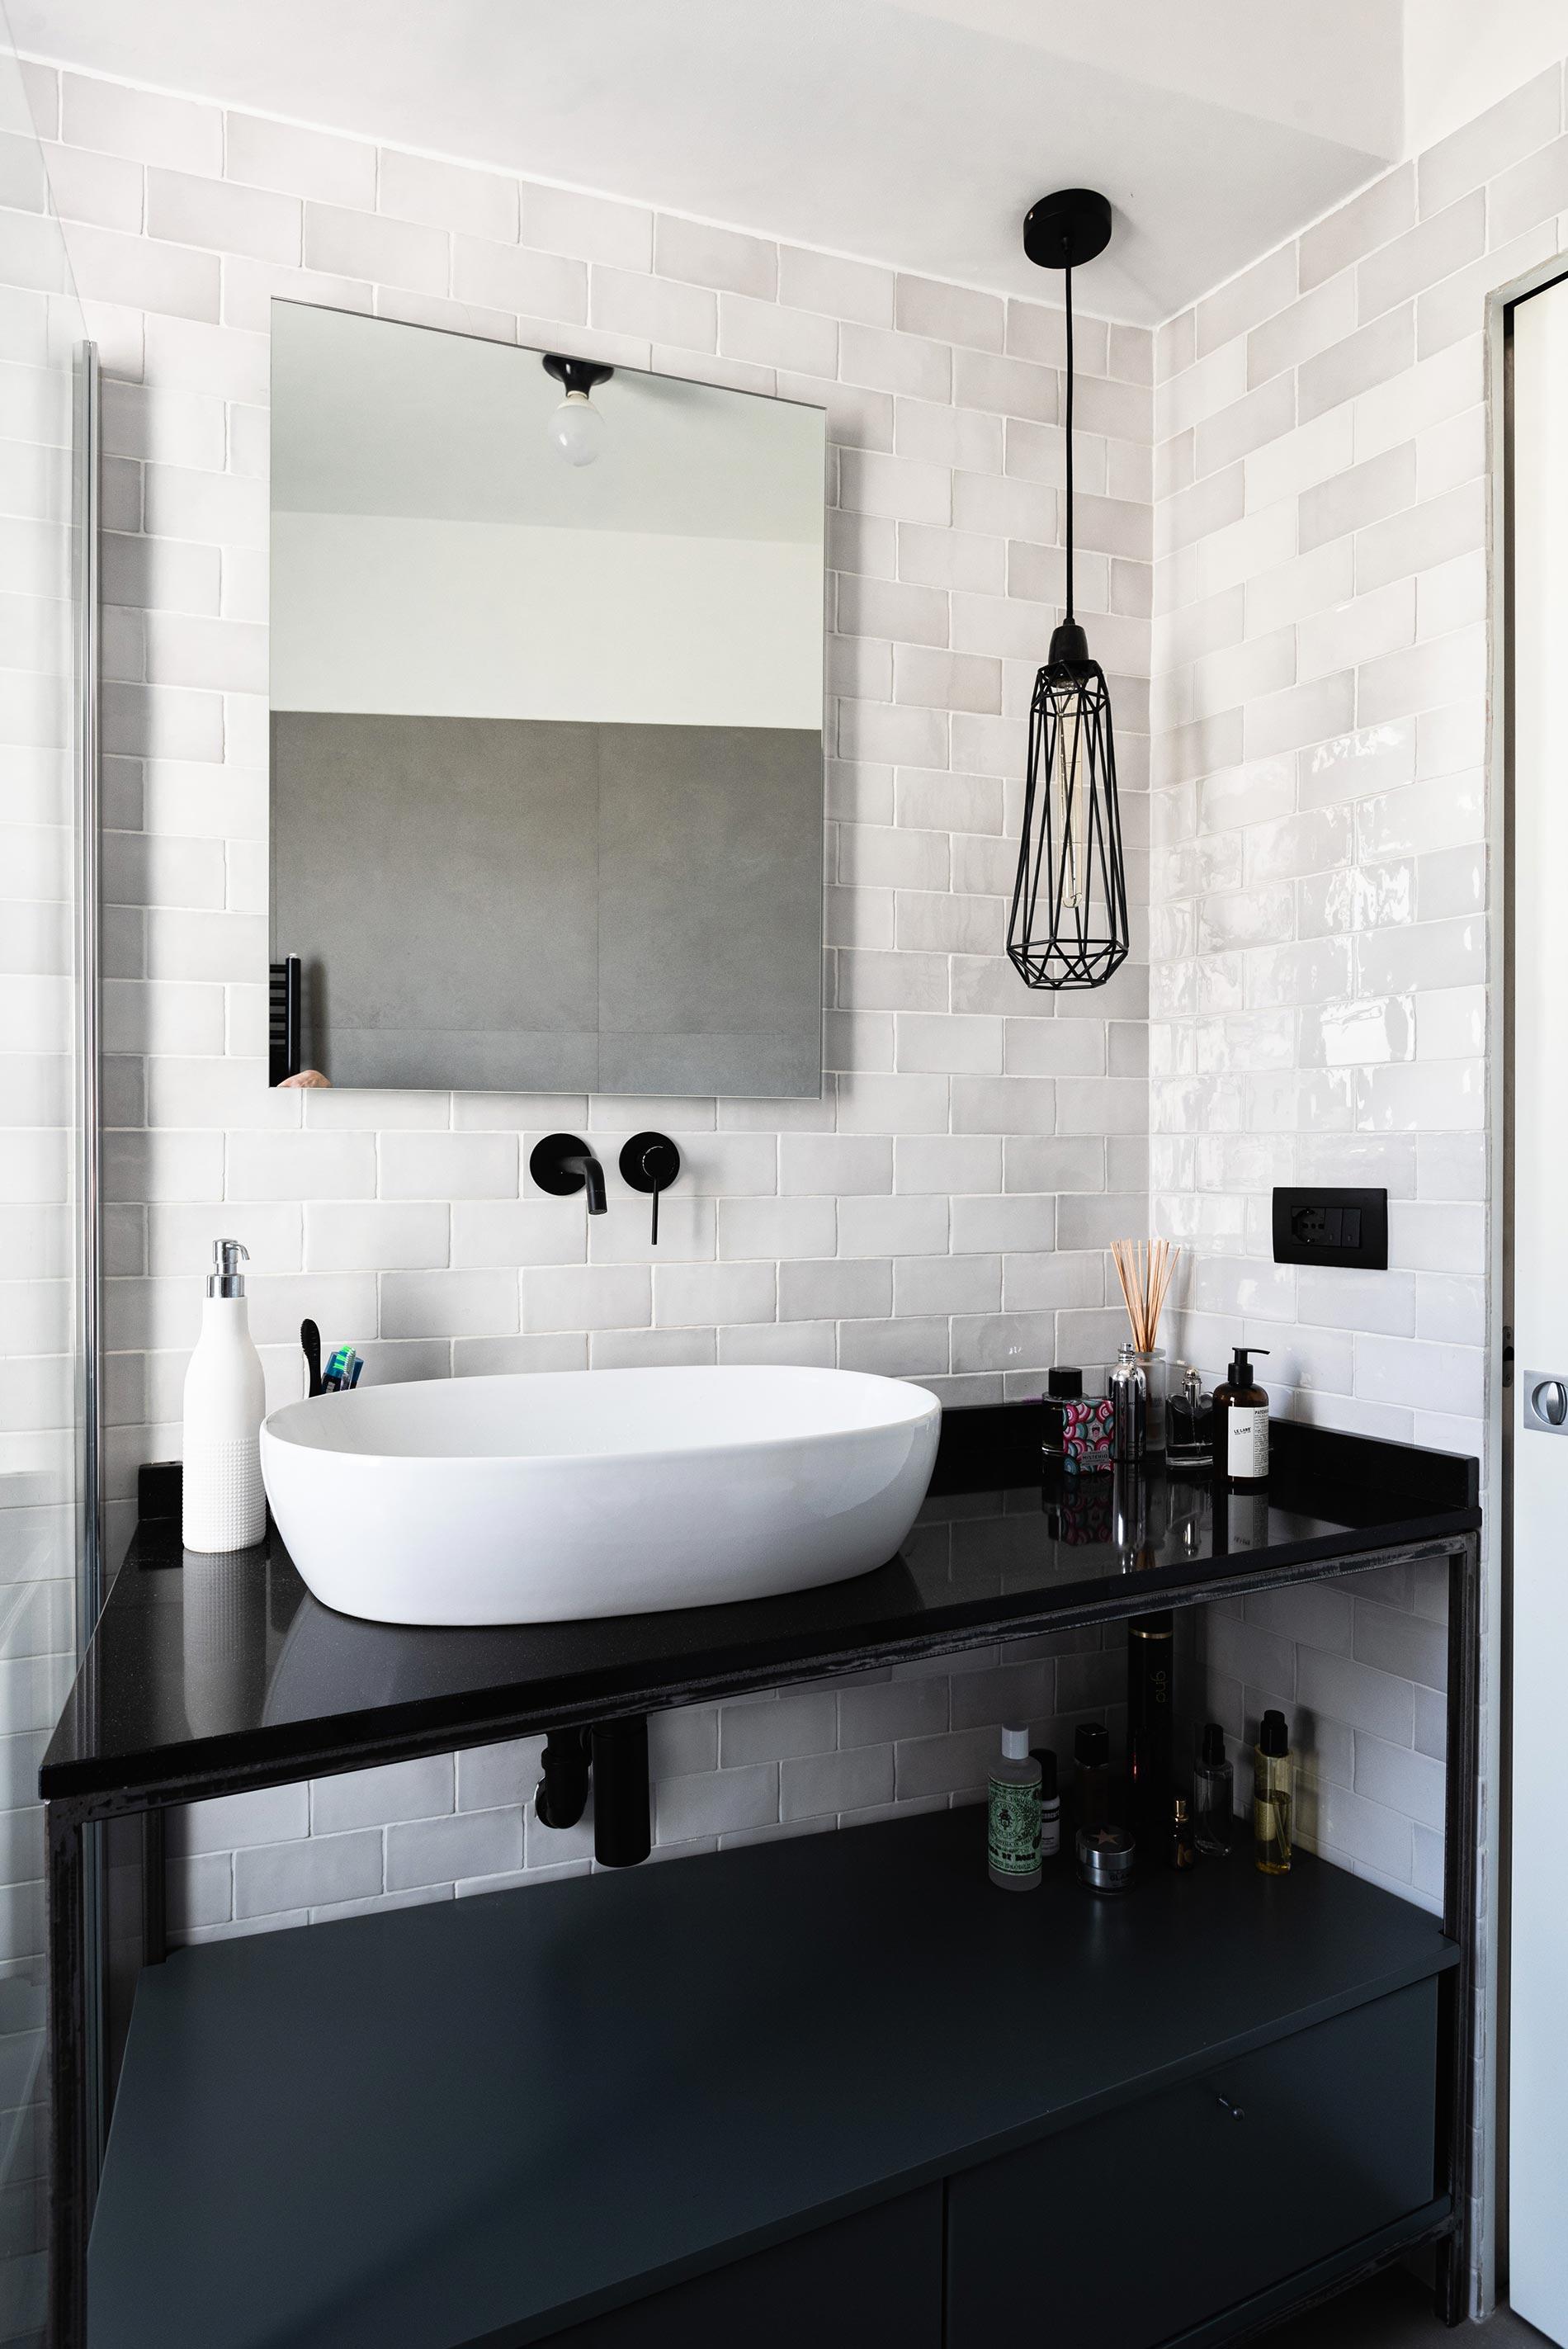 bagno cemento e nero progettazione d'interni torino